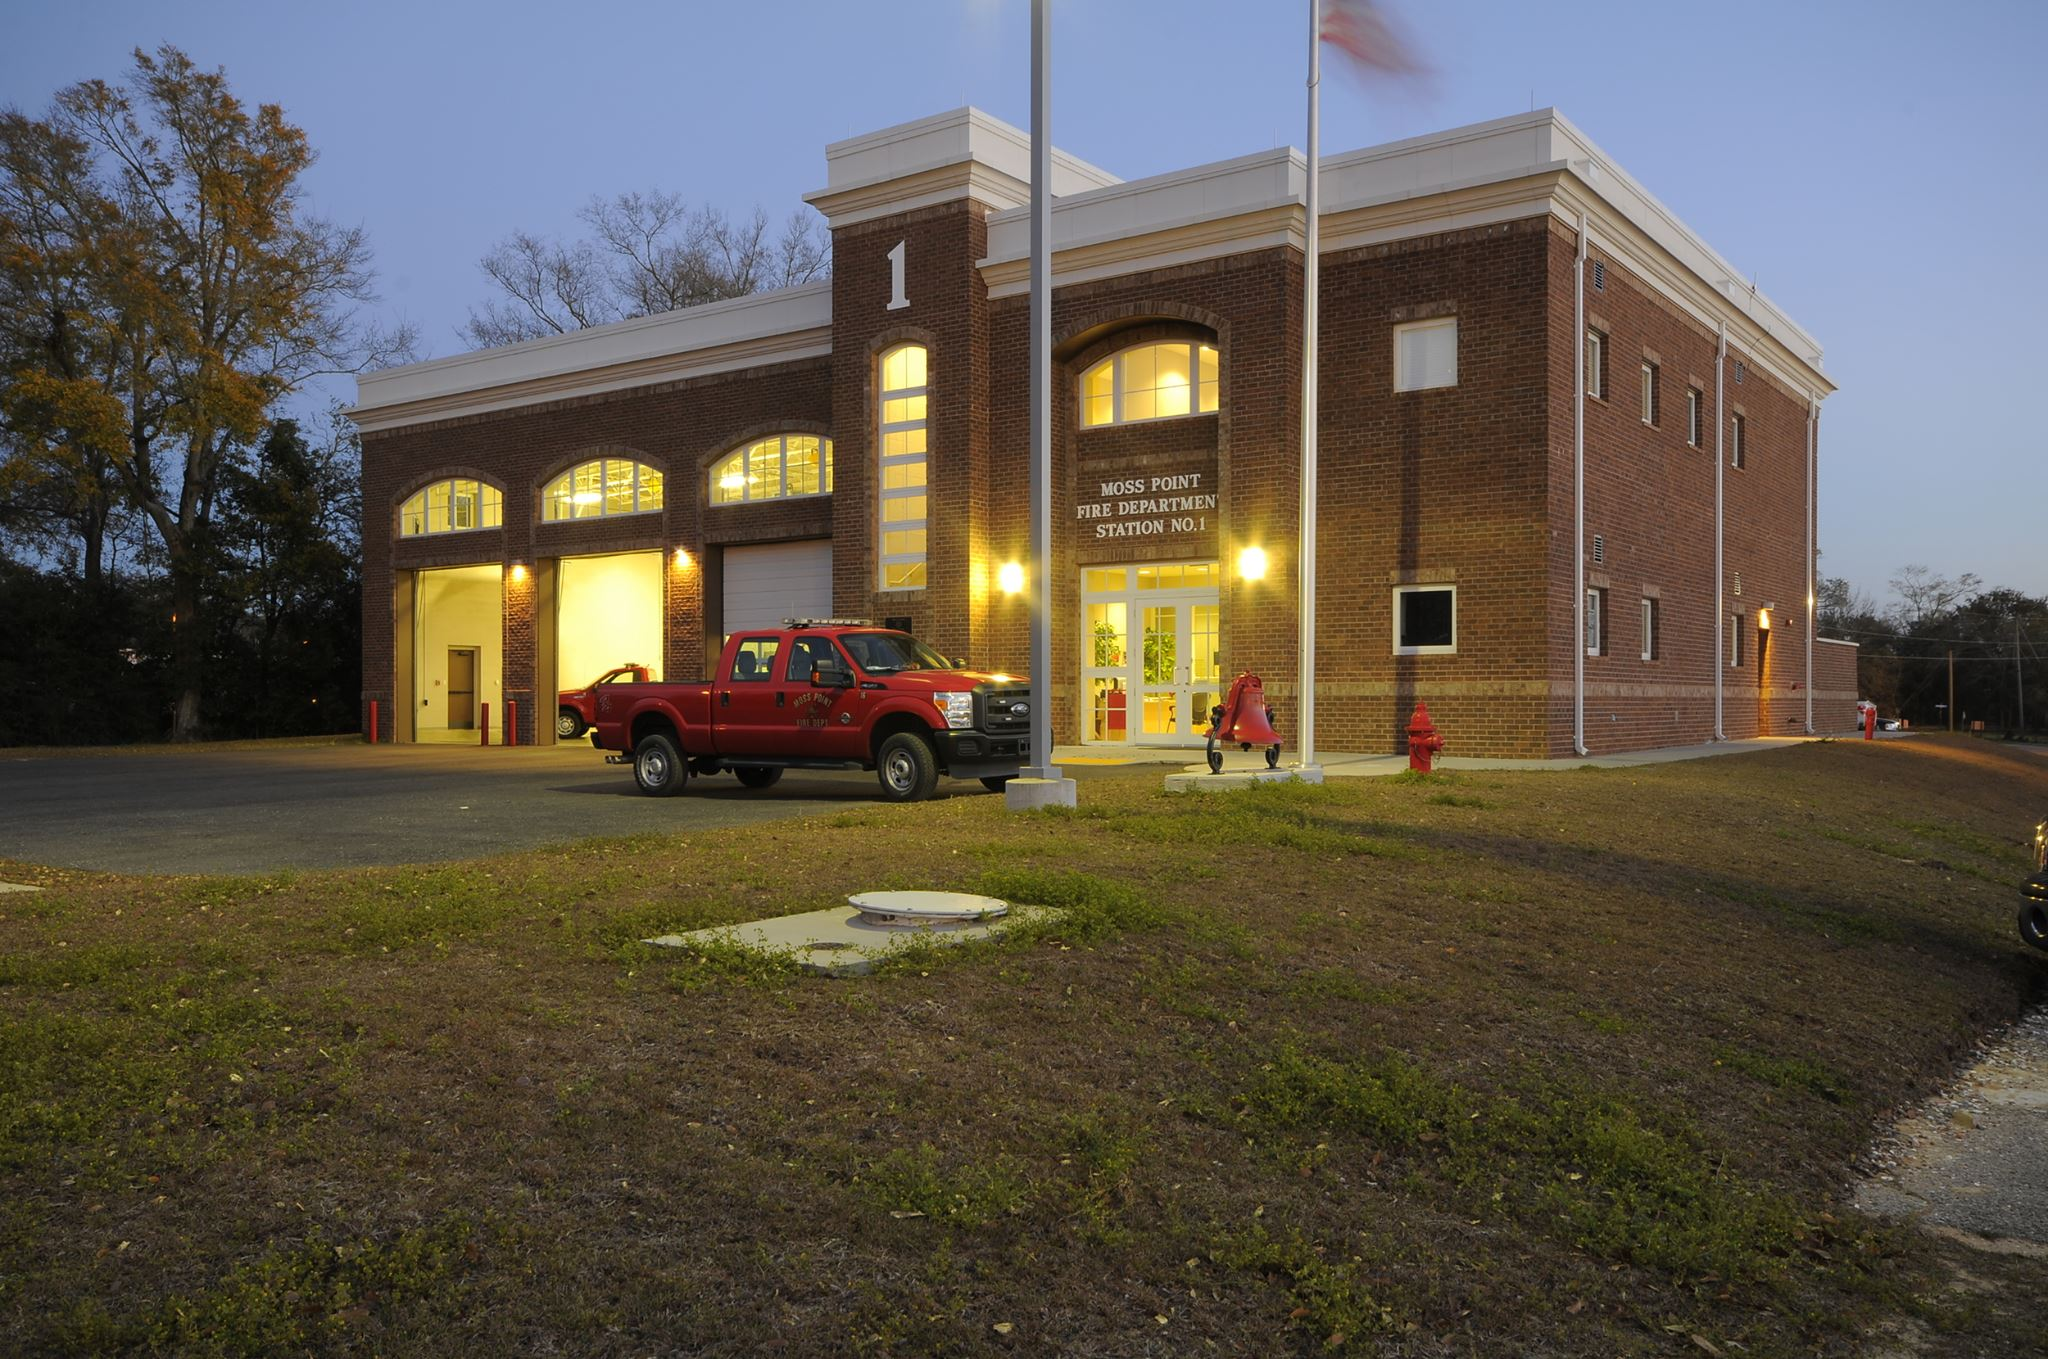 moss point fire department_1556900755284.jpg.jpg